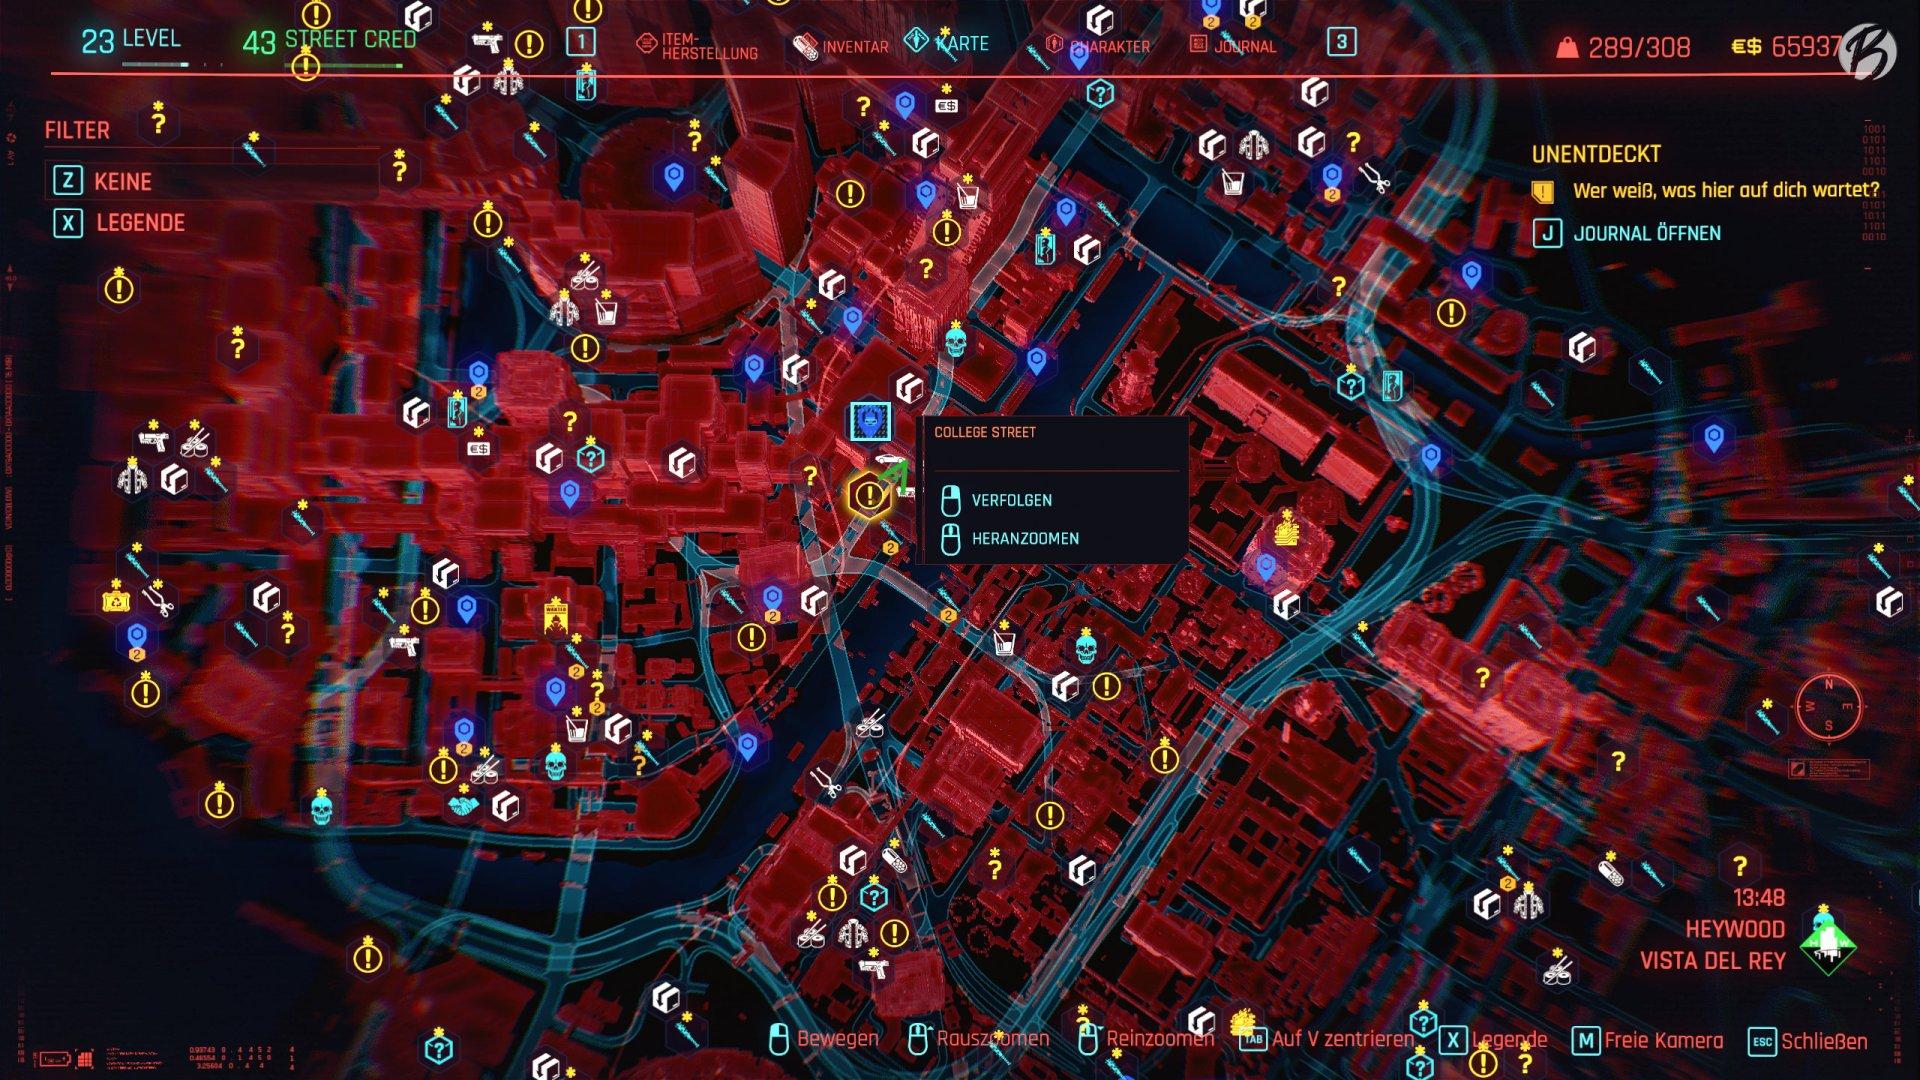 Cyberpunk 2077 - Fundort: Stadtteil Haywood, Portpunkt College Street